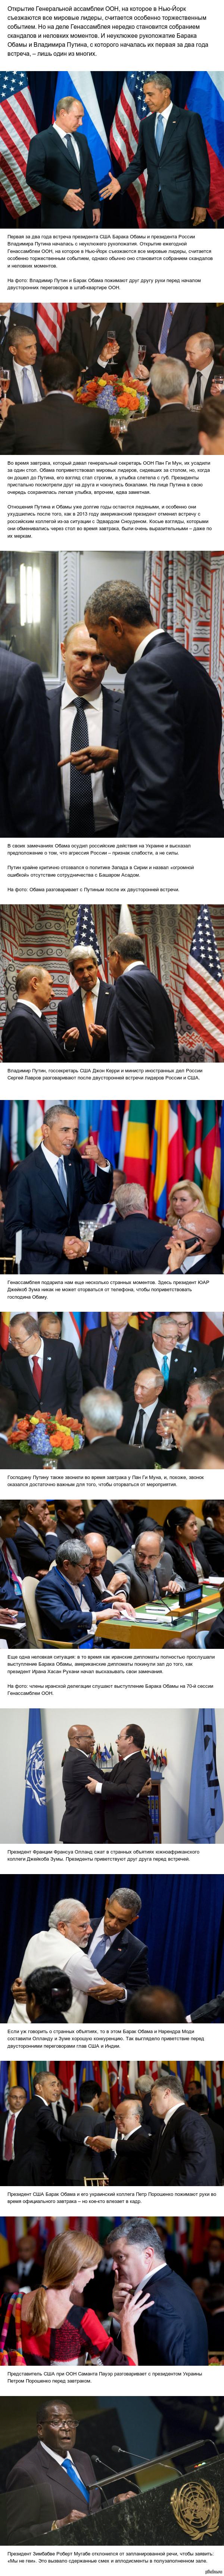 Генассамблея ООН: самые нелепые моменты